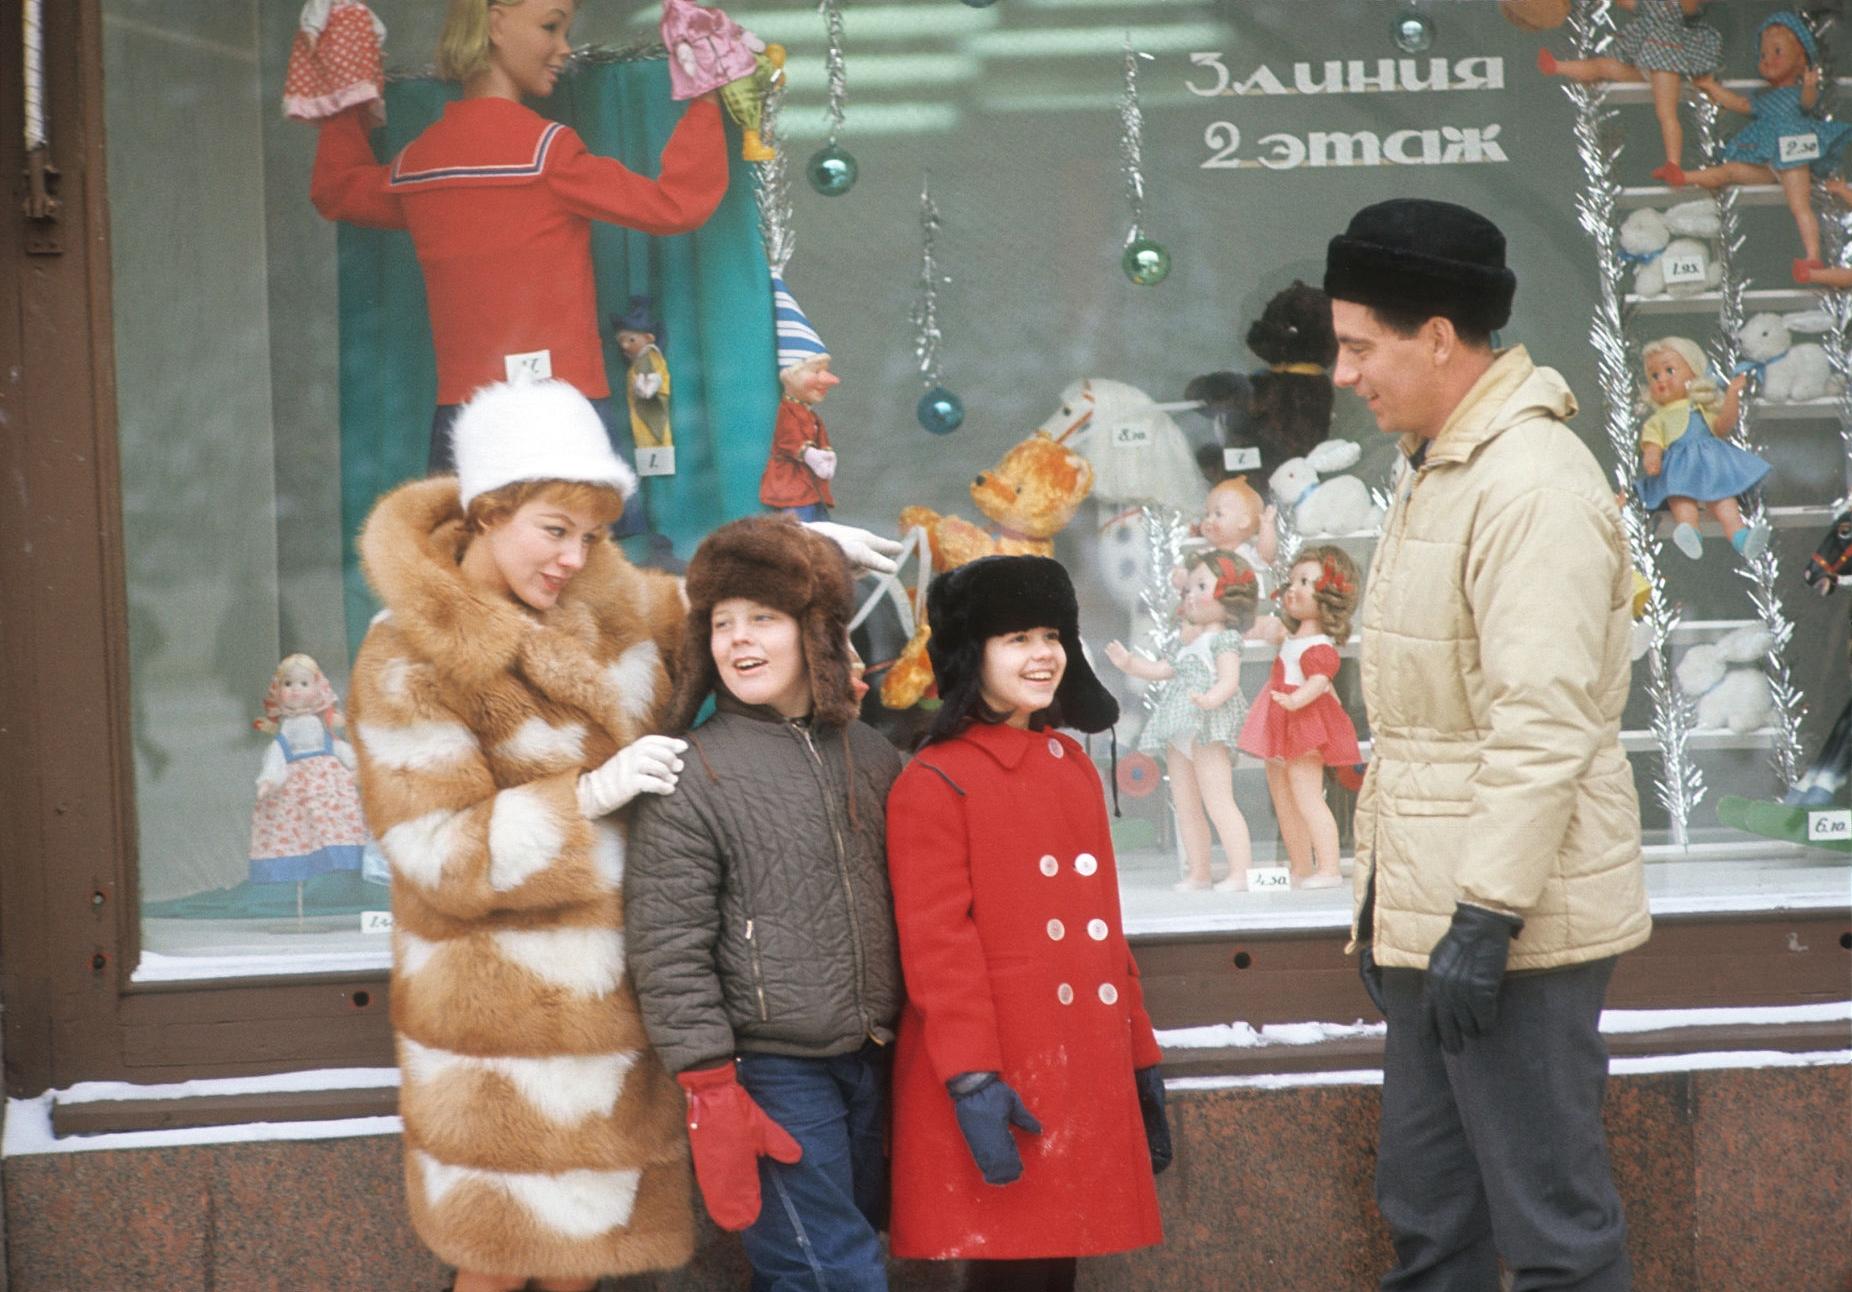 1967. Вирджиния Гибсон и Билл Оуэн с учениками у витрины ГУМа.jpg